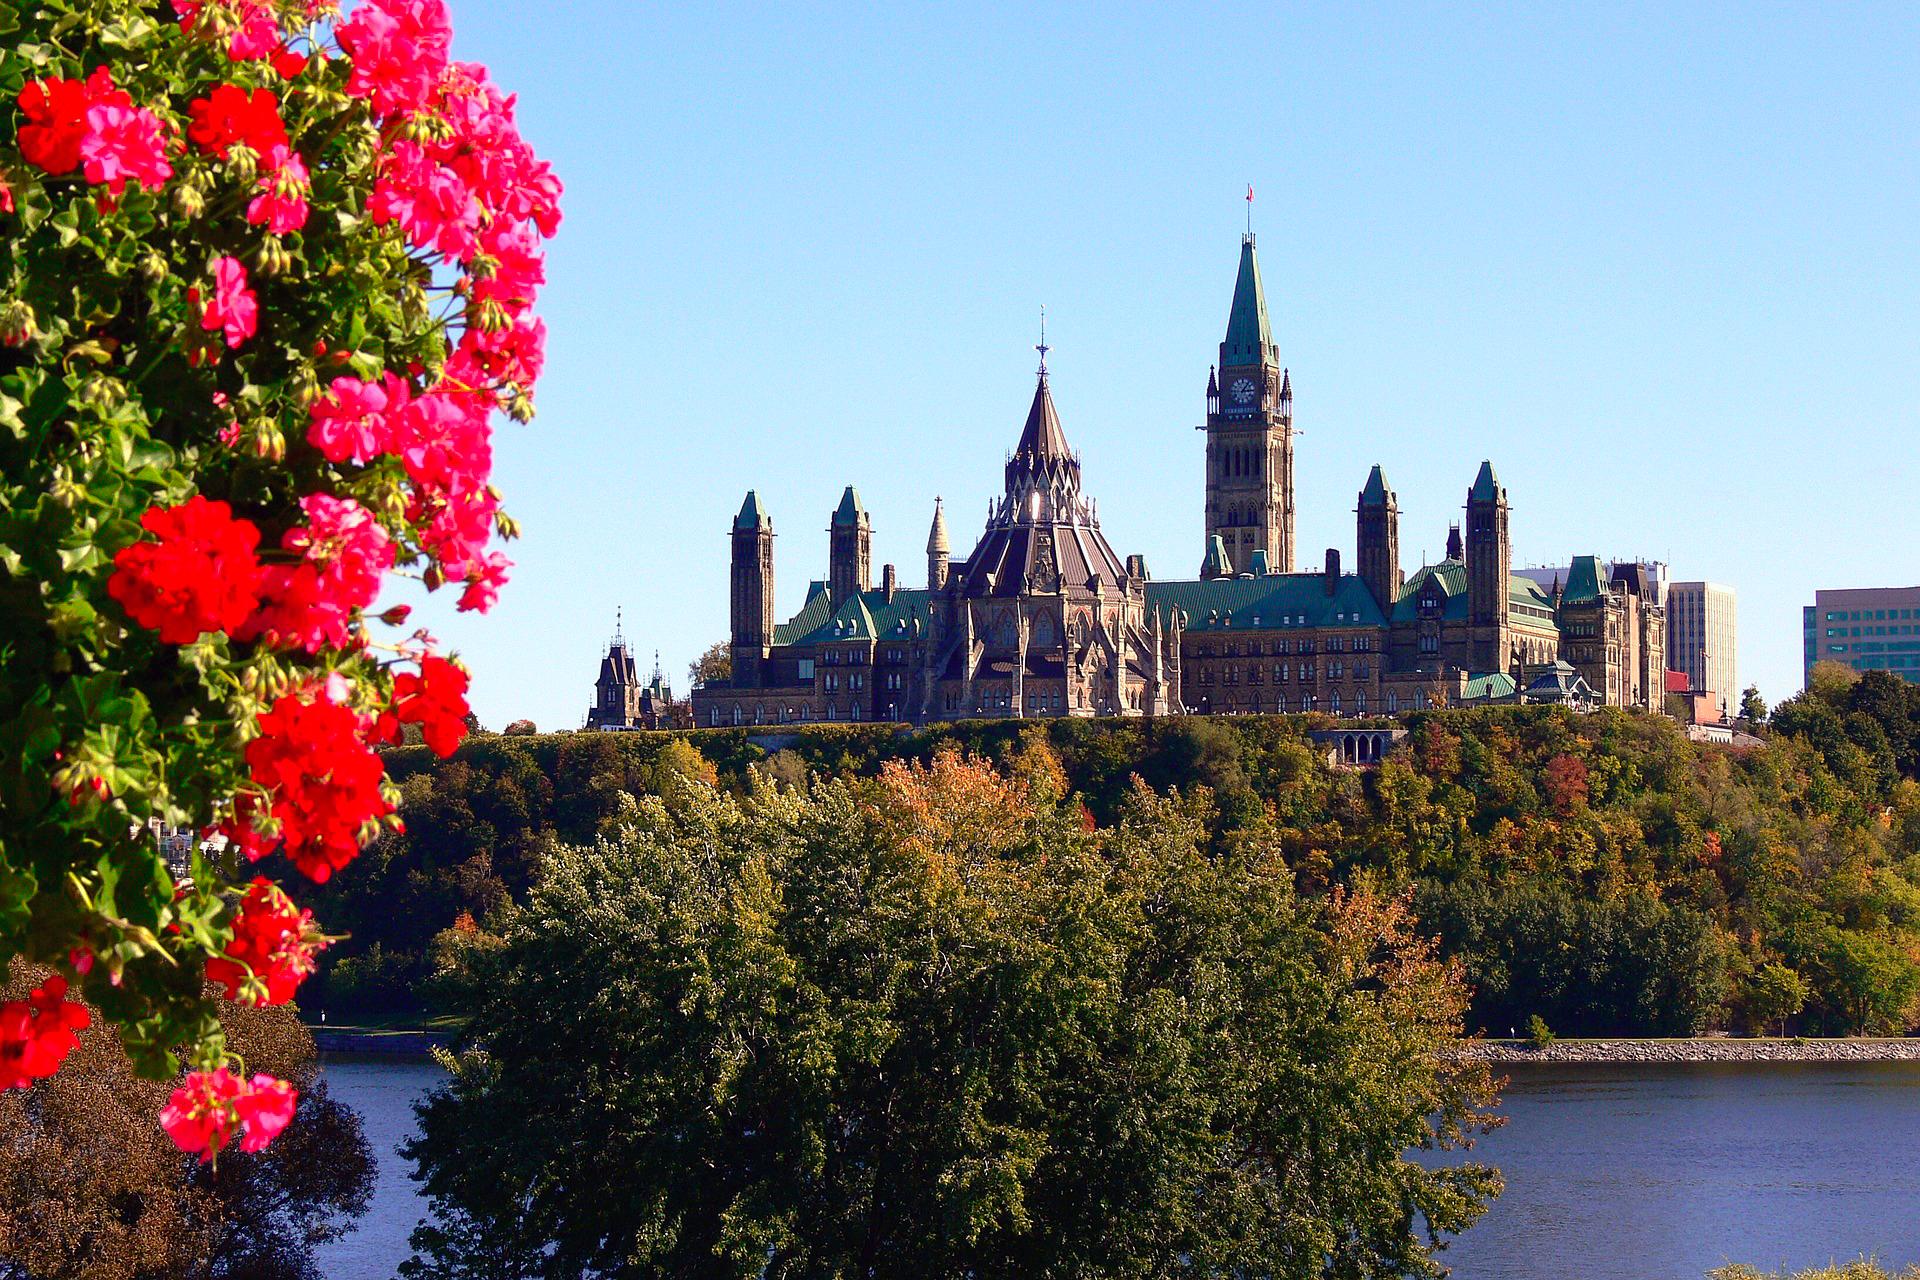 Guía de viajes a Canada, Visa a Canadá, Visado a Canadá canadá - 32354103575 34c11dab6e o - Guía de viajes y visa para Canadá